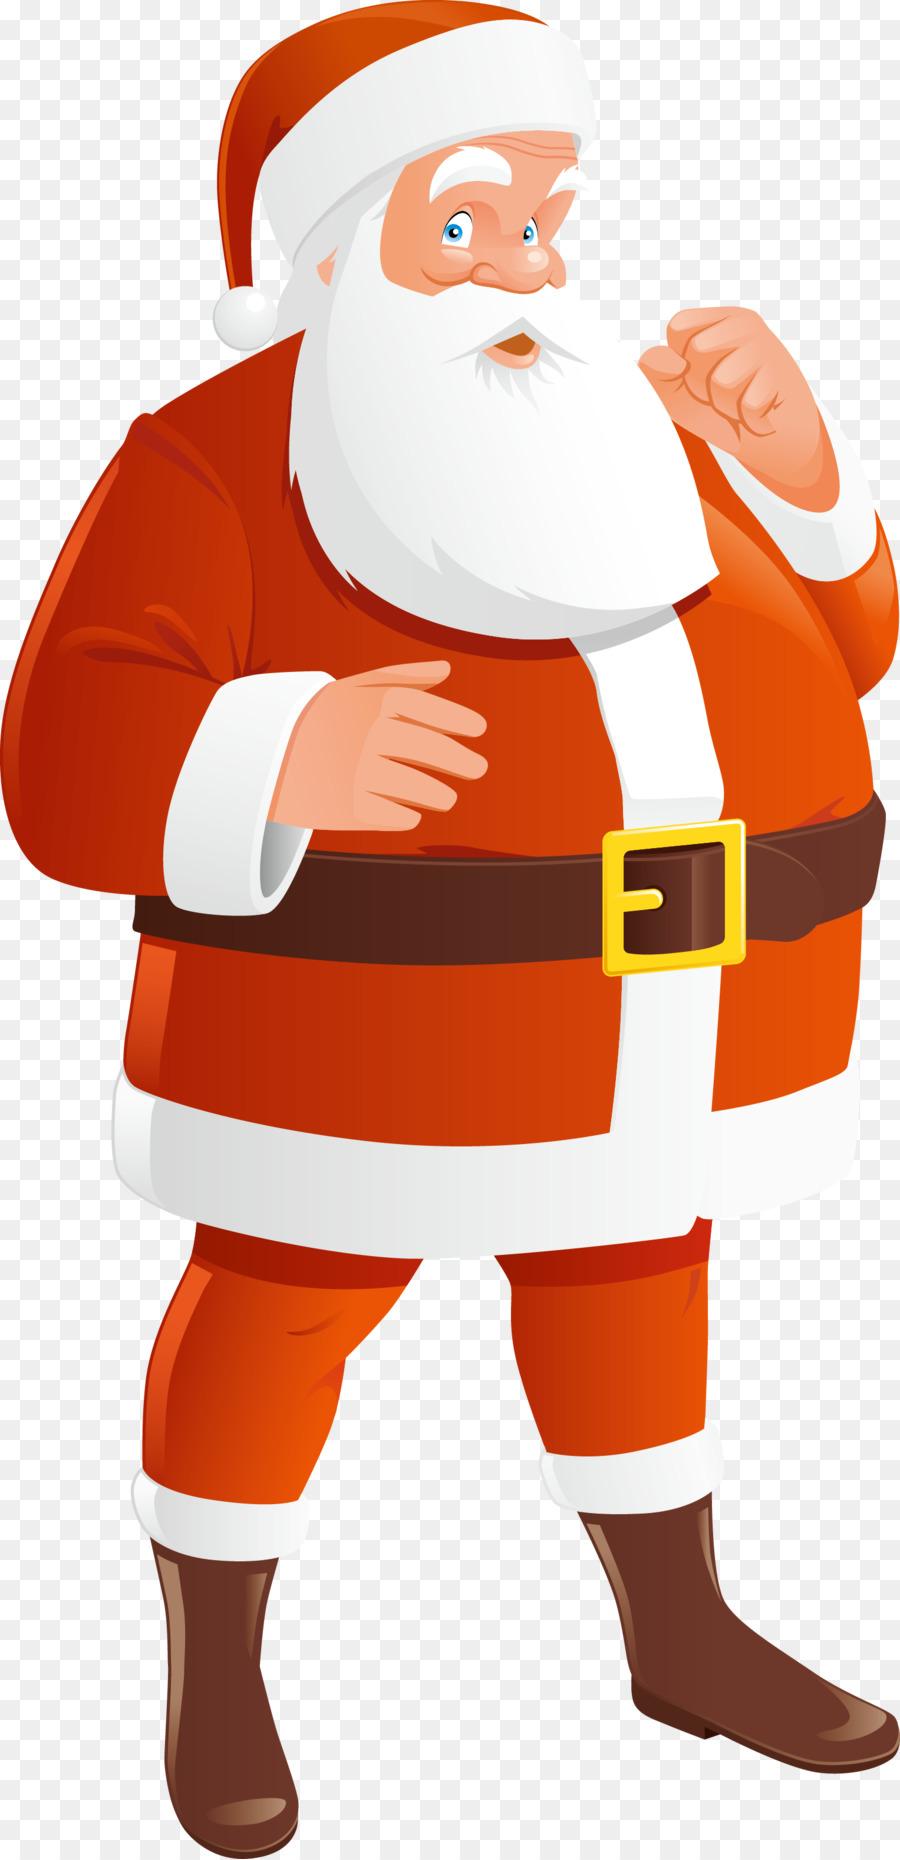 Descarga gratuita de Santa Claus, Santacon, La Navidad imágenes PNG